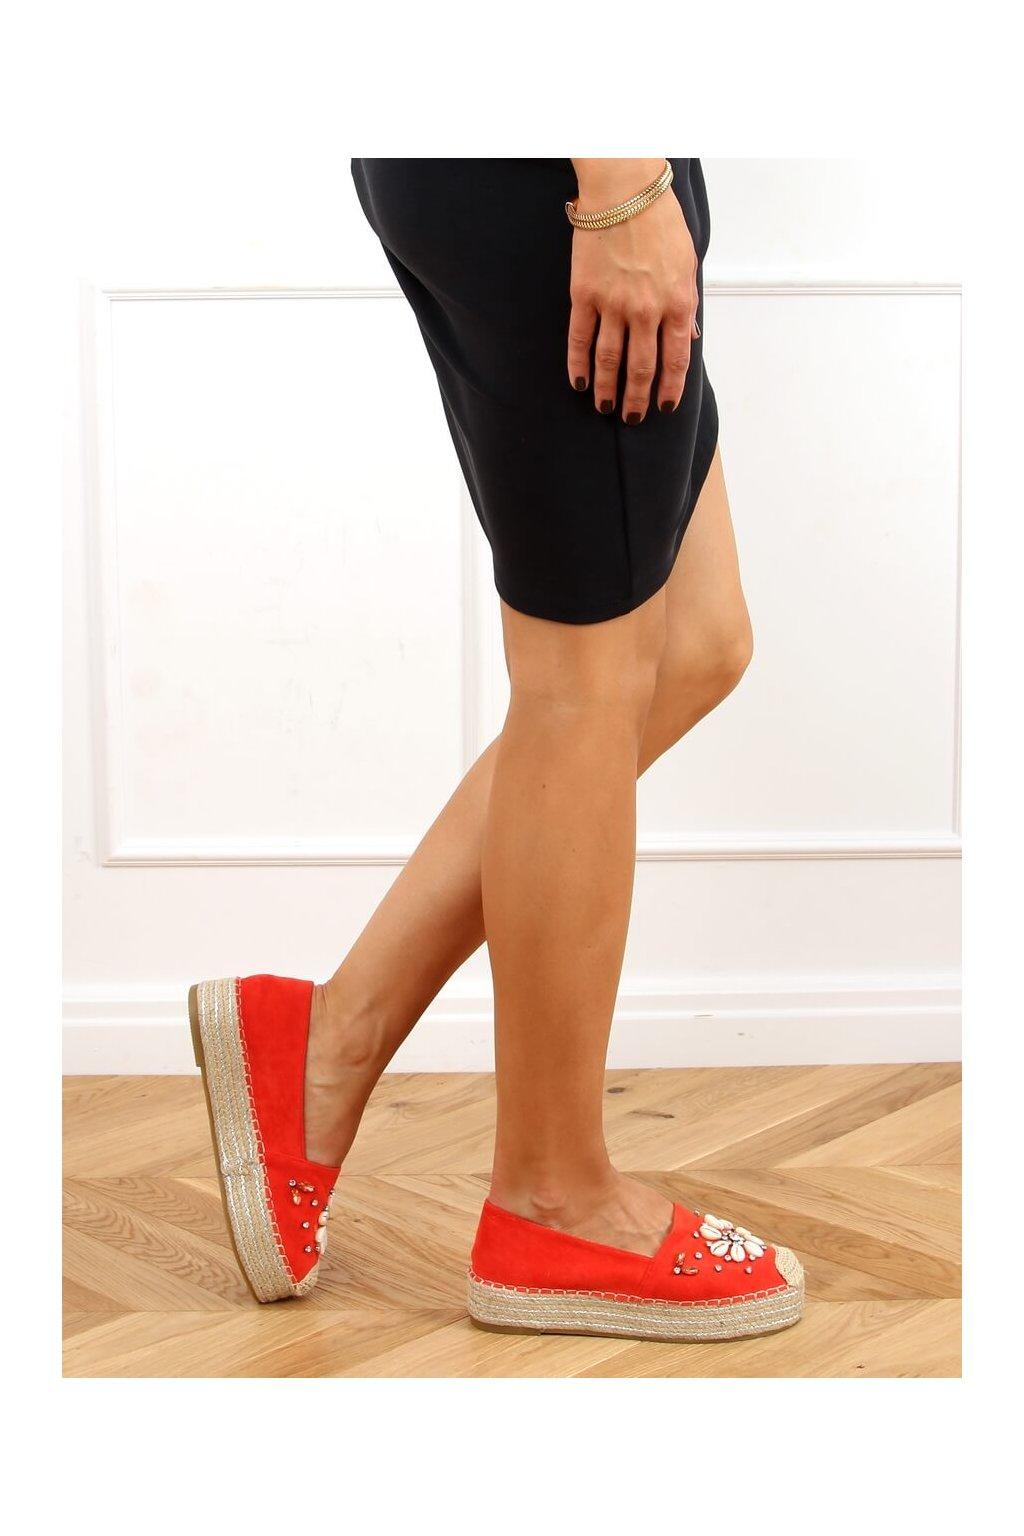 Dámske sandále oranžové na plochom podpätku 2798